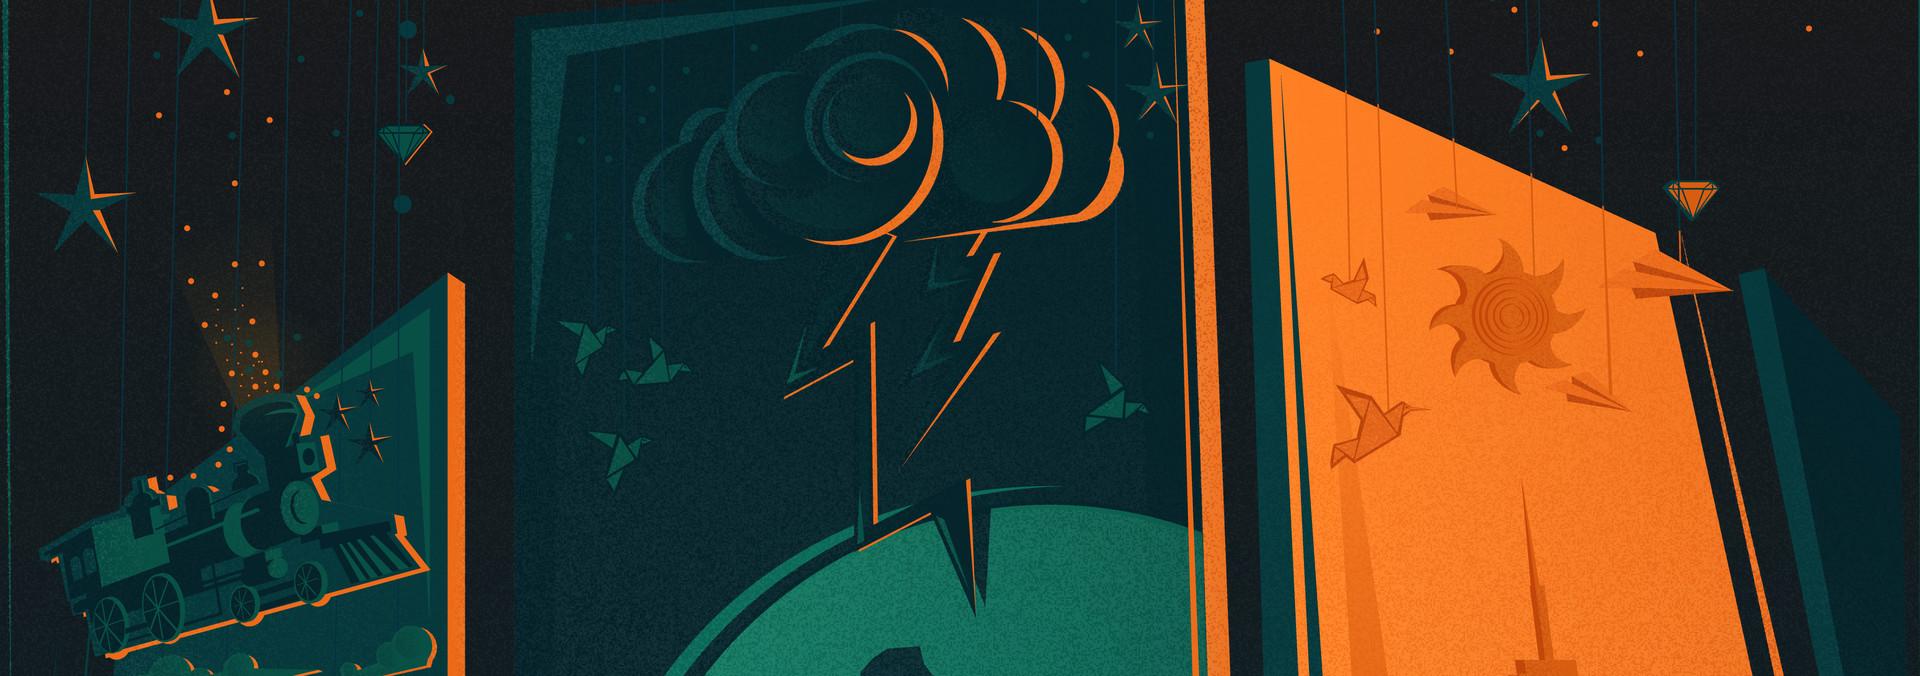 ArtStation - Cinematic Poster, Bertus Dokter